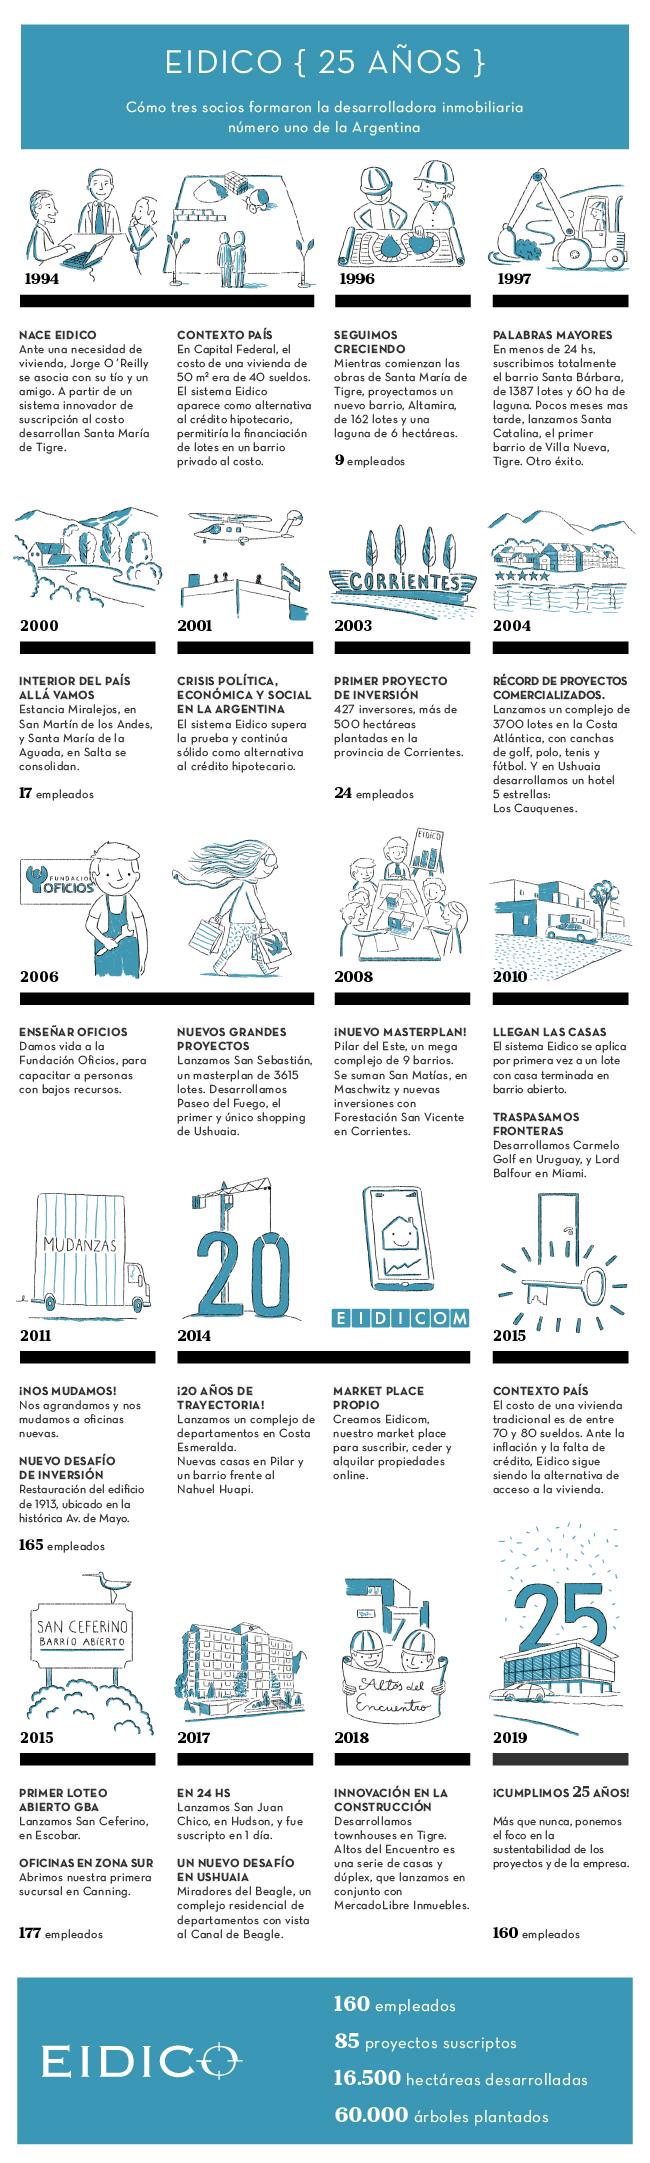 Eidico: 25 años de historia